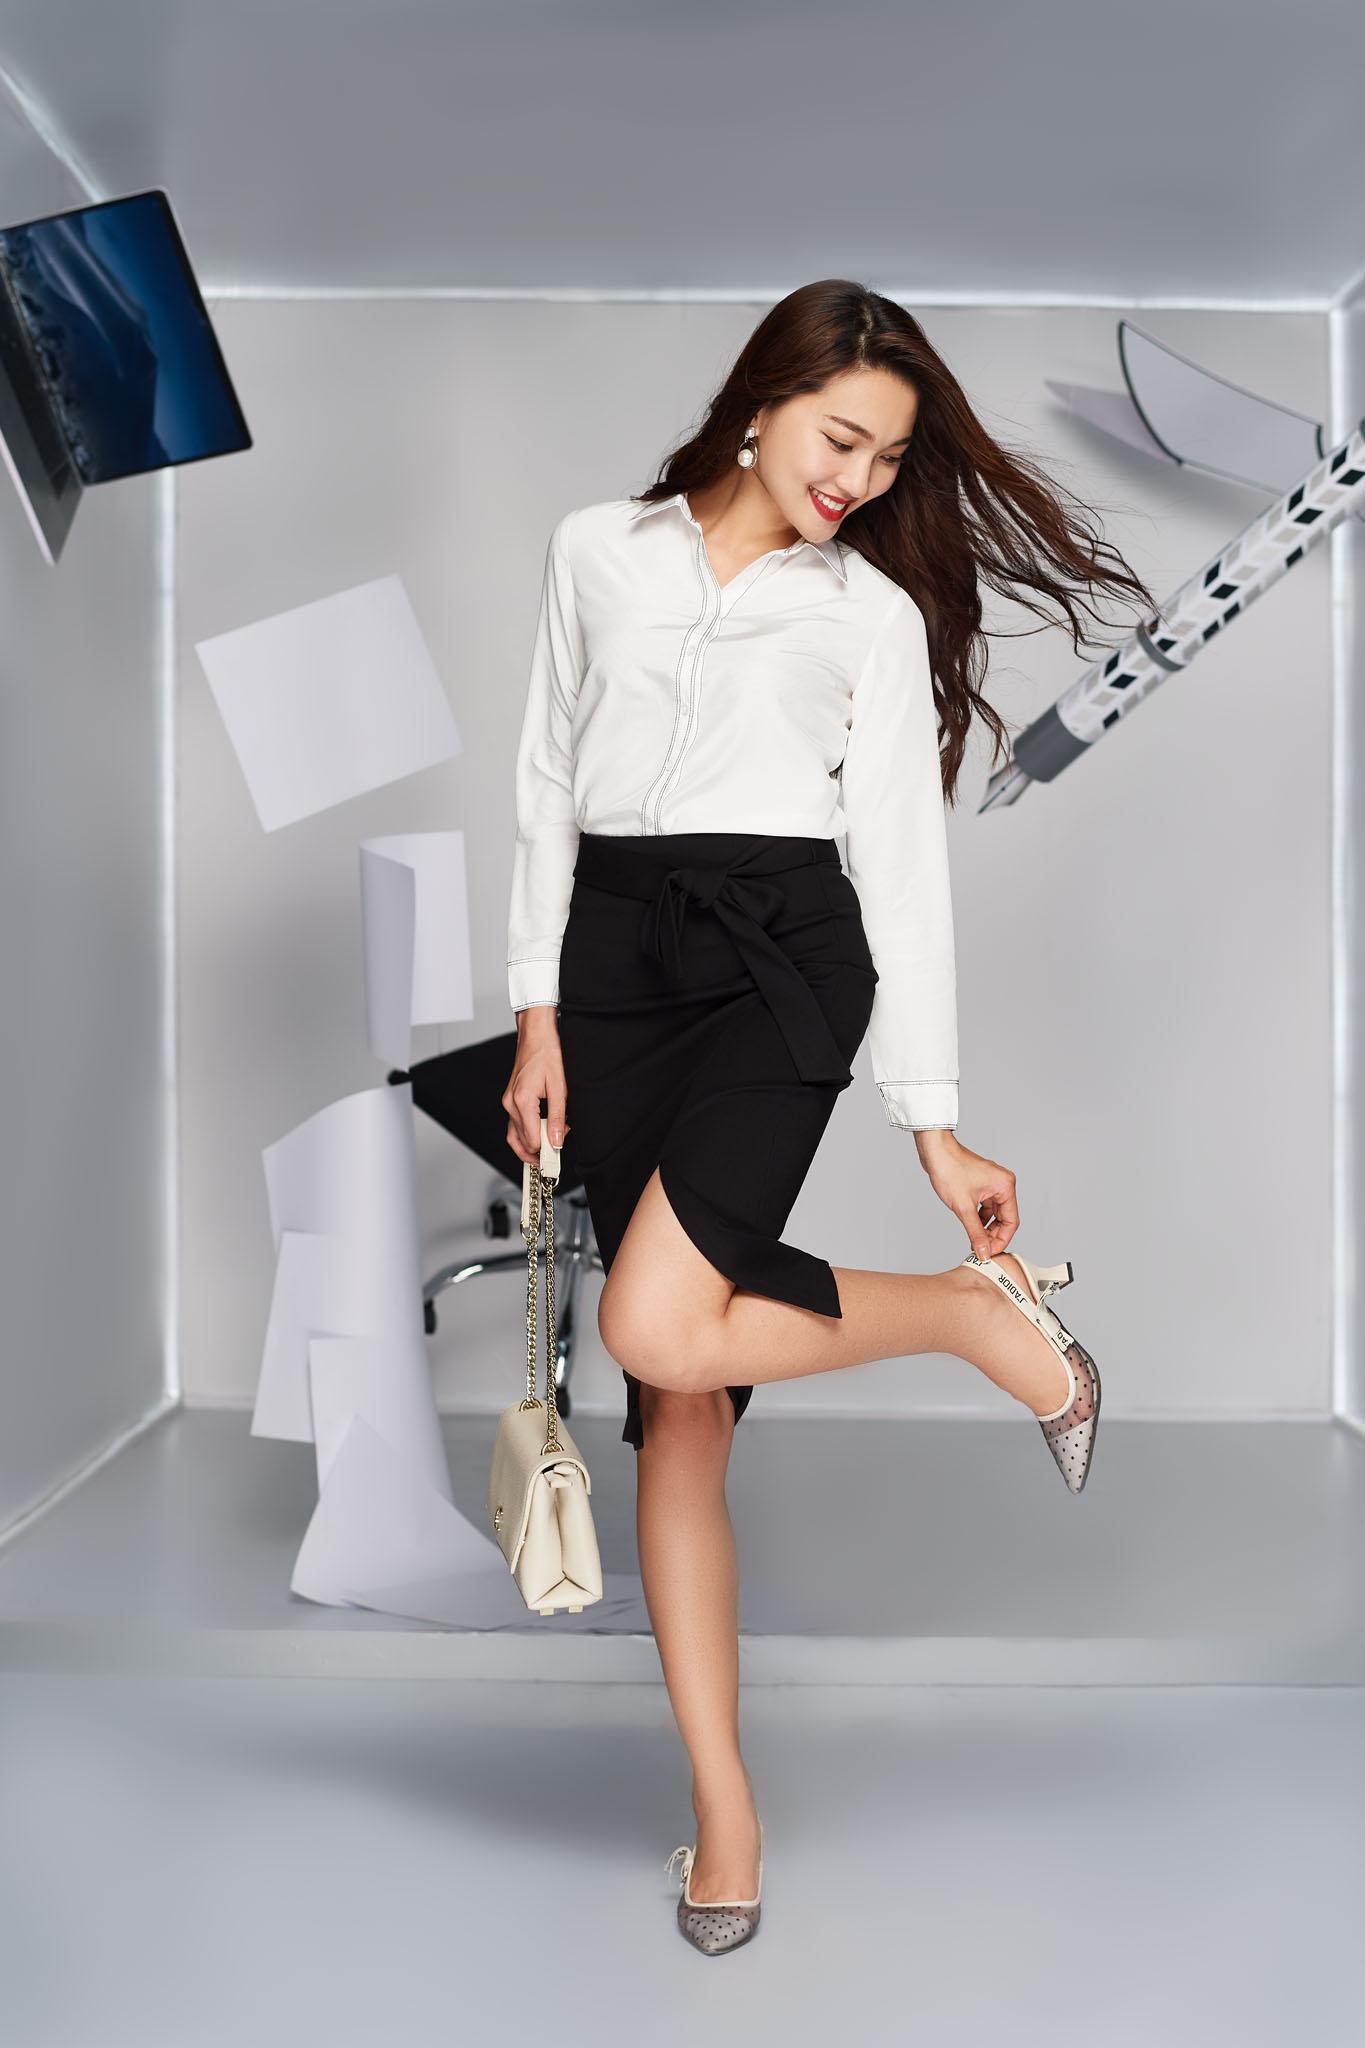 Làn gió mới cho thời trang công sở với những chuyển động cá tính - Ảnh 4.